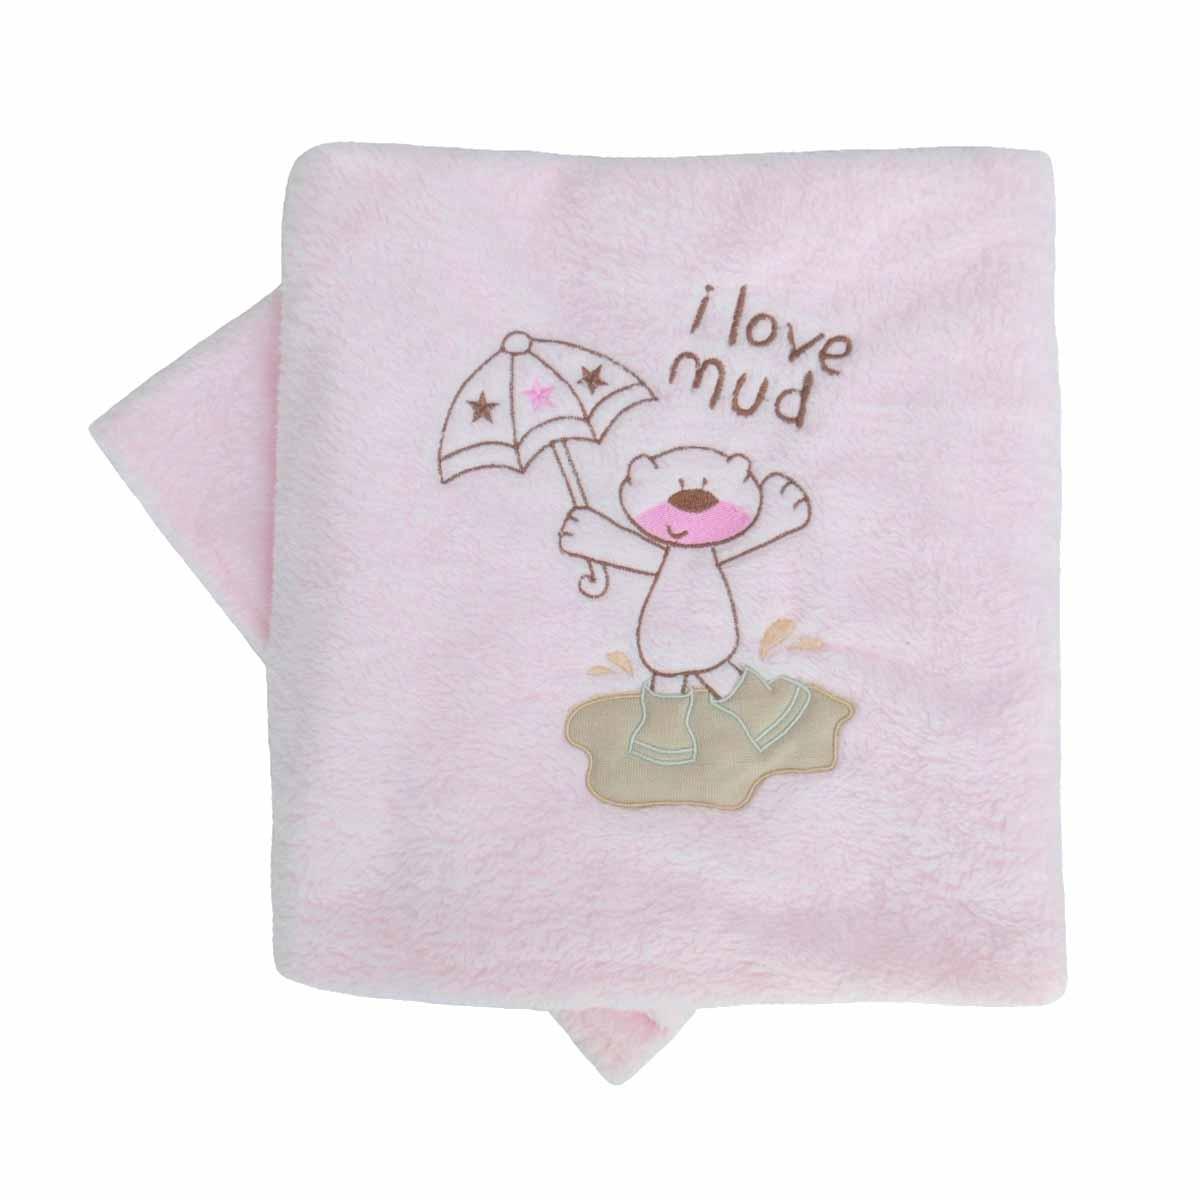 Κουβέρτα Fleece Αγκαλιάς Κόσμος Του Μωρού Mud Ροζ